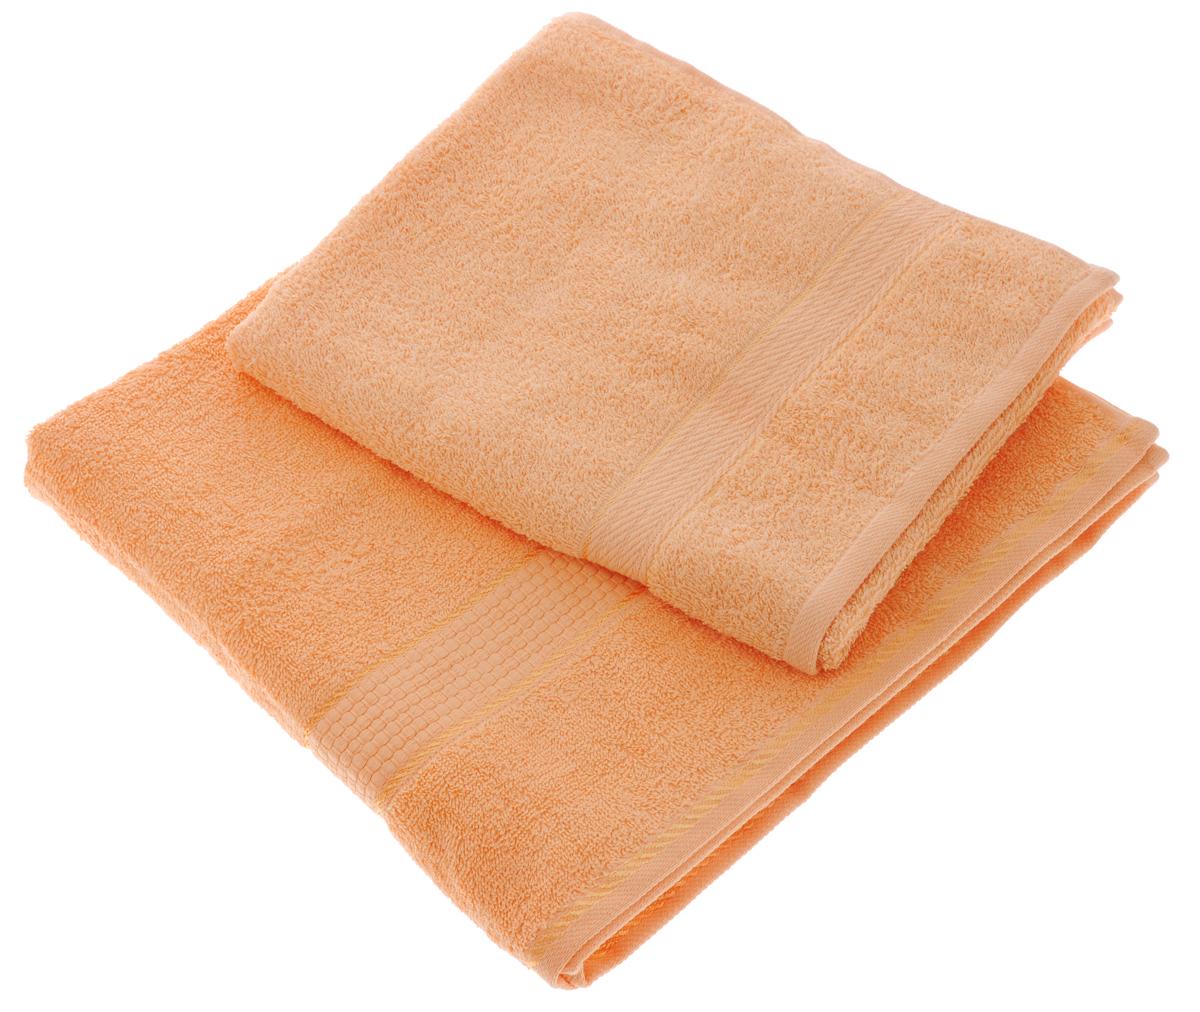 Набор махровых полотенец Aisha Home Textile, цвет: персиковый, 2 шт. УзТ-НПМ-102УзТ-НПМ-102-24Набор Aisha Home Textile состоит из двух махровых полотенец разного размера. В состав входит только натуральное волокно - 100% хлопок. Лаконичные бордюры подойдут для любого интерьера ванной комнаты. Полотенца прекрасно впитывают влагу и быстро сохнут. При соблюдении рекомендаций по уходу не линяют и не теряют форму даже после многократных стирок. Комплектация: 2 шт.